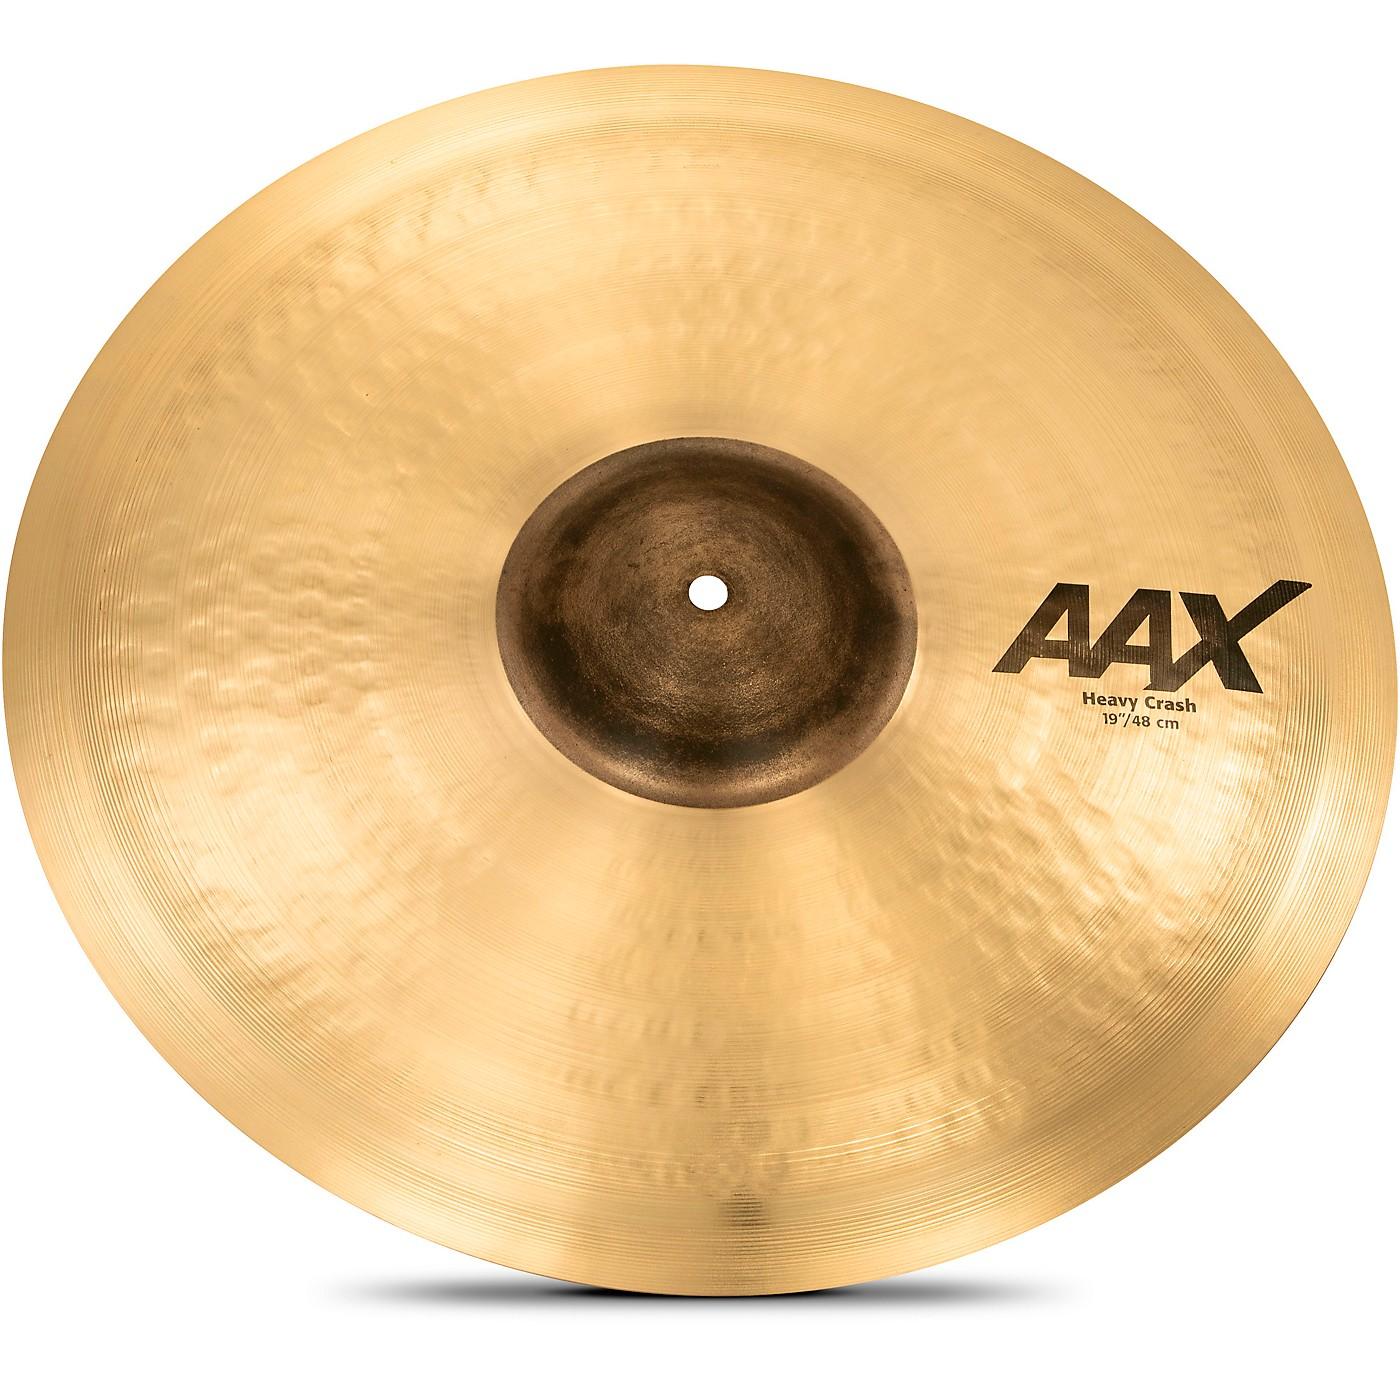 Sabian AAX Heavy Crash Cymbal thumbnail